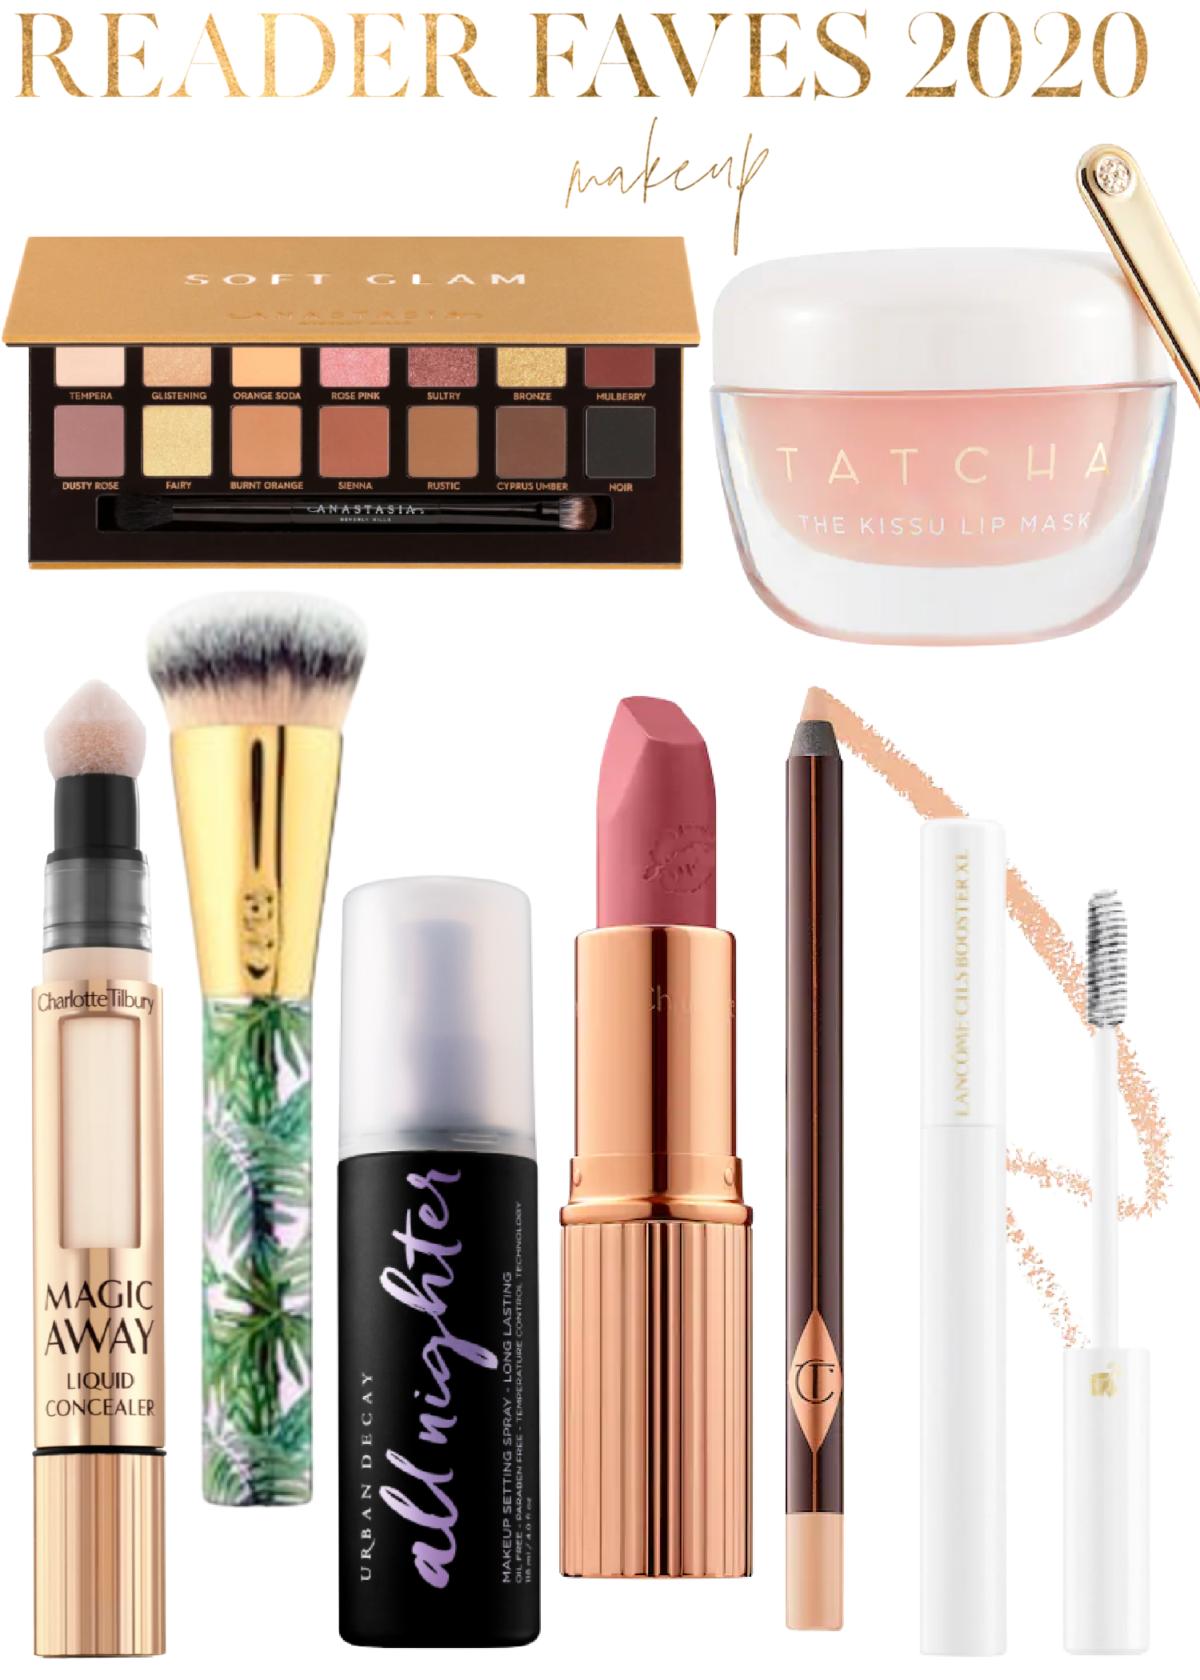 Reader Faves 2020 | Makeup